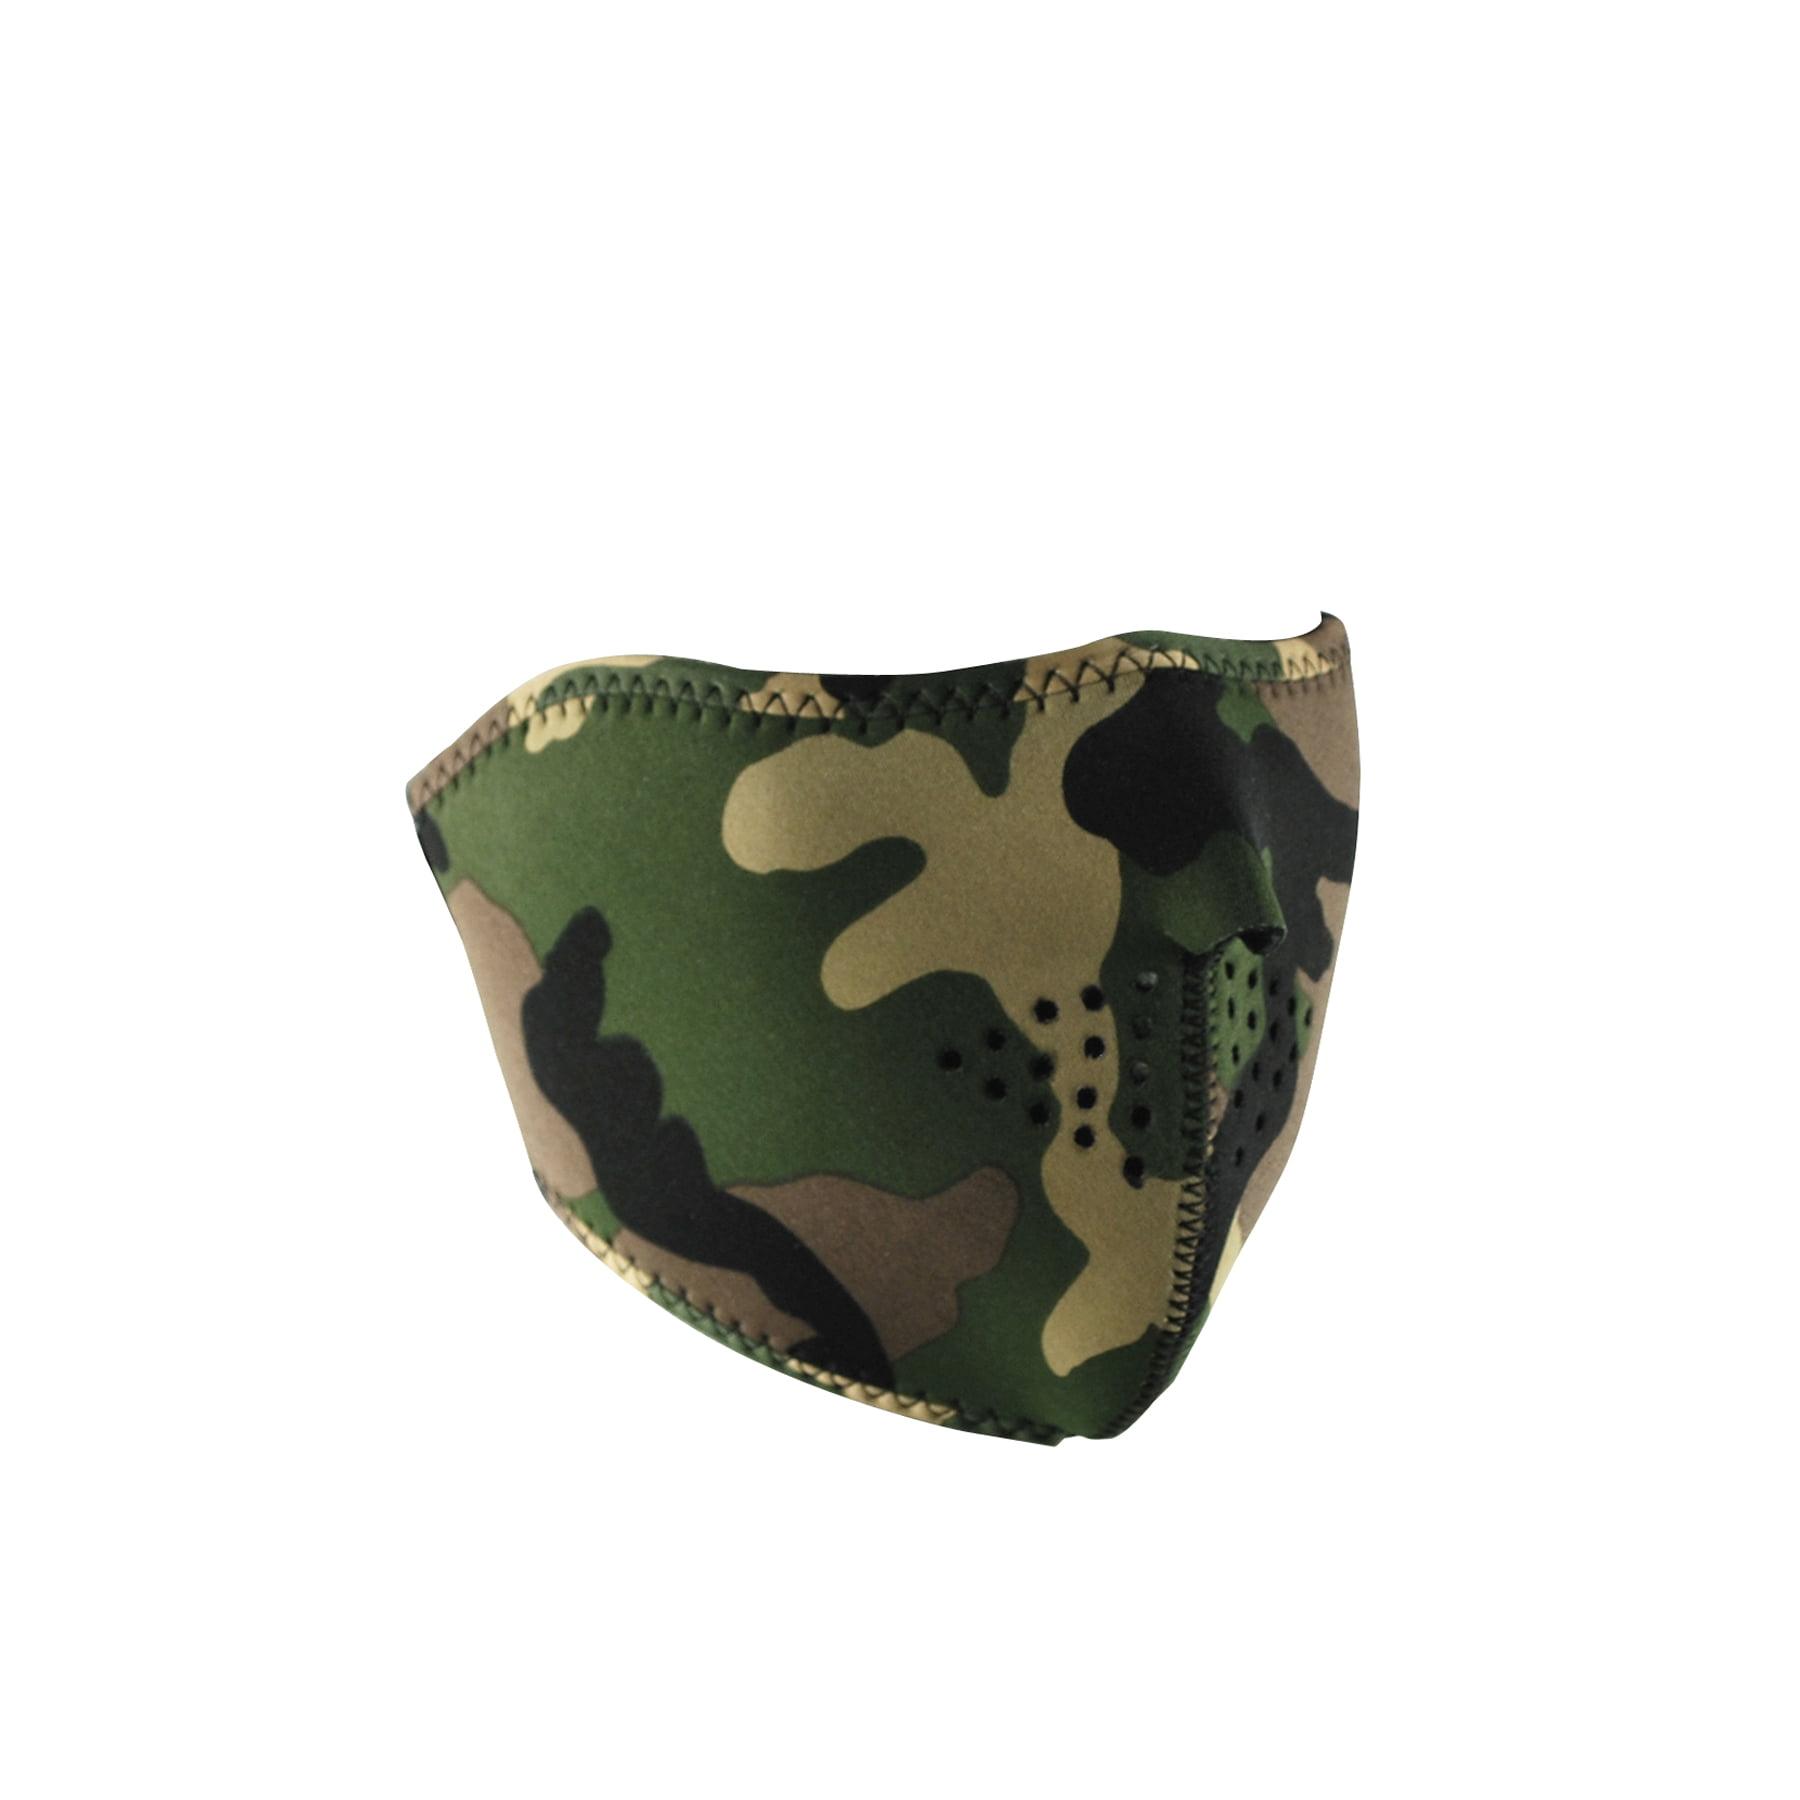 Zan Headgear Half Face Mask Camo (Green, OSFM) by Zan Headgear